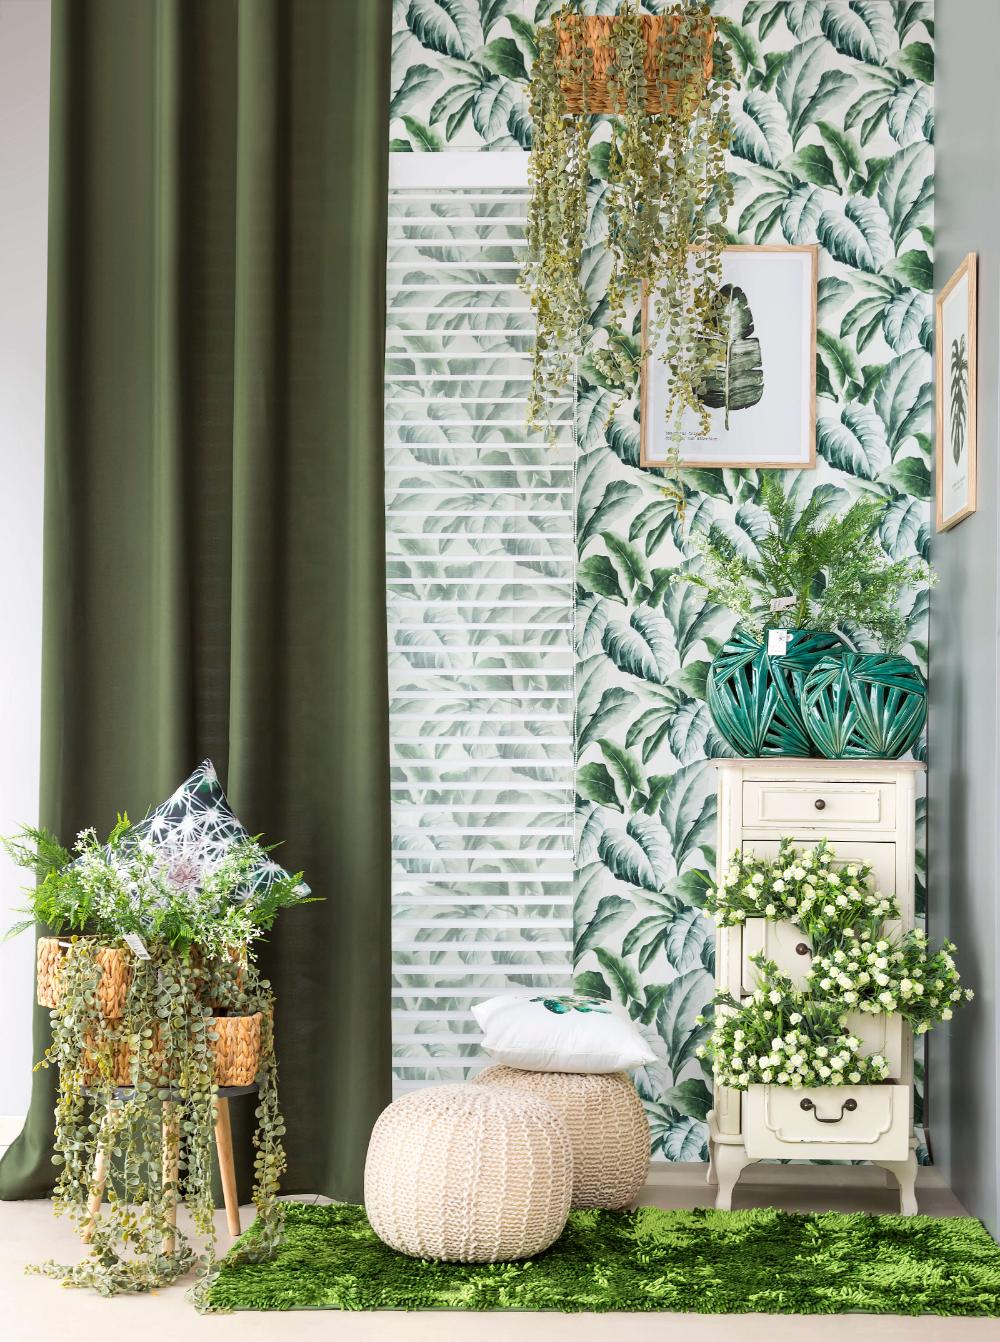 Urban Jungle W Twoim Domu Firany Zaslony W Kwiaty Do Salonu Kuchni Czy Sypialni Urban Jungle Urban Plants